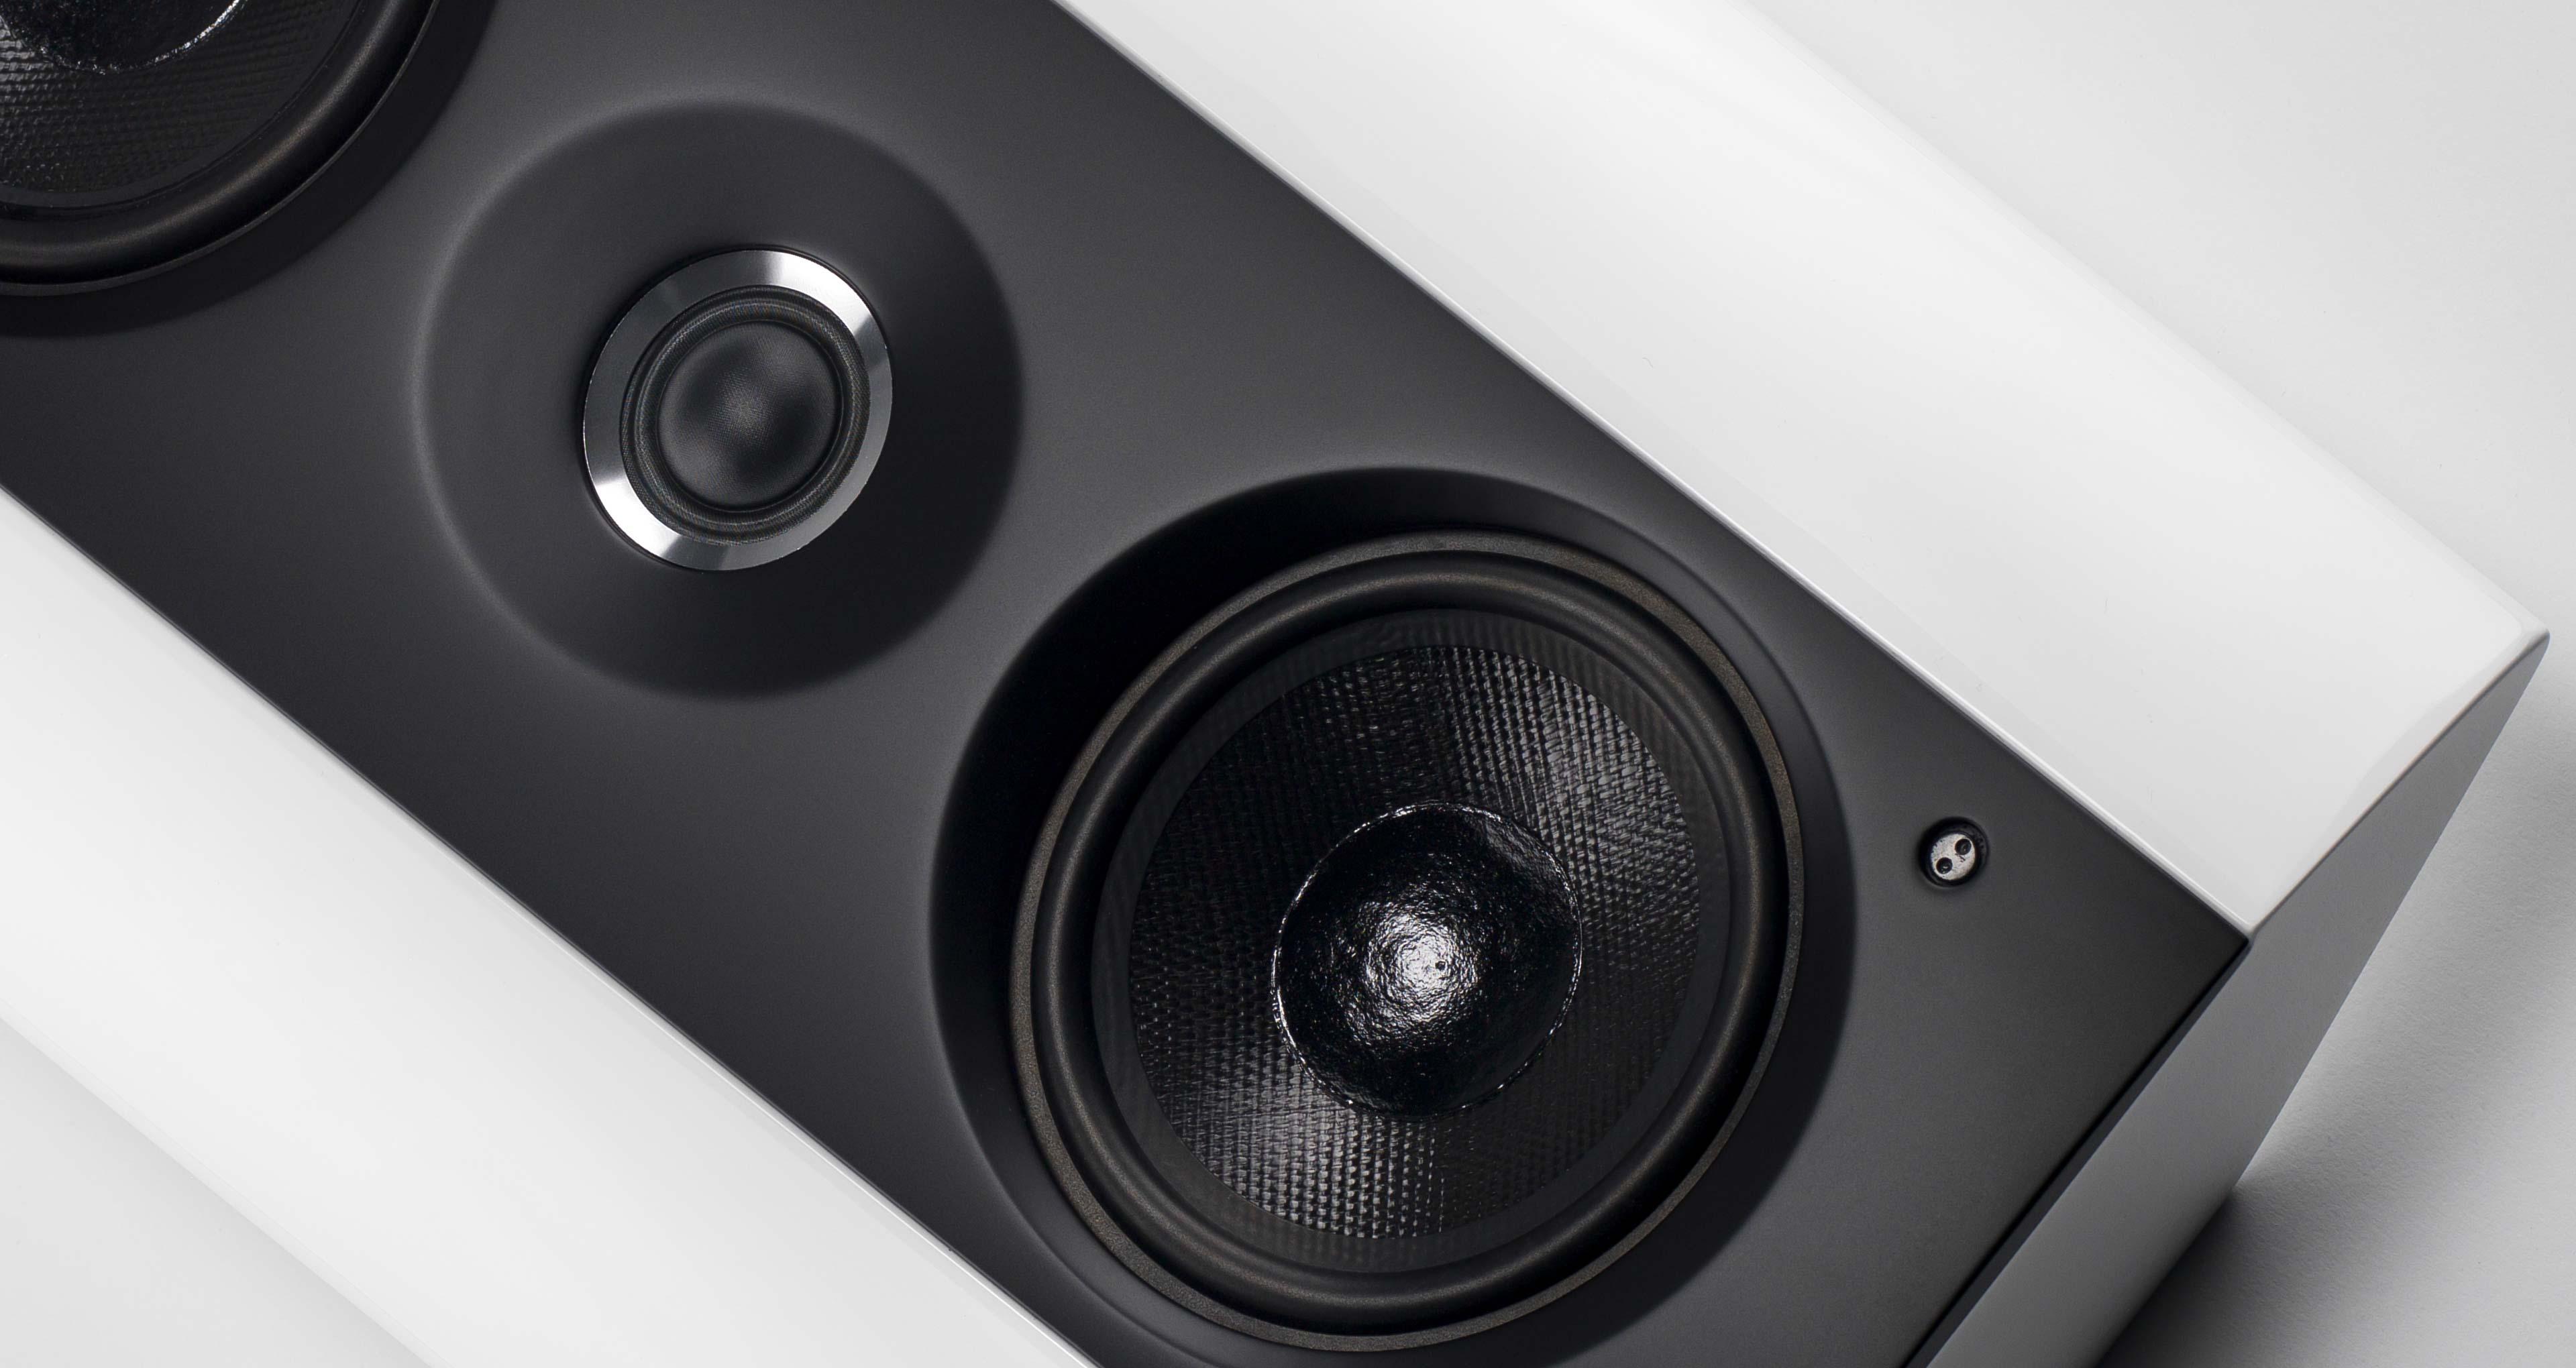 Miglior impianti audio per casa potenti venere wall - Impianti audio per casa ...